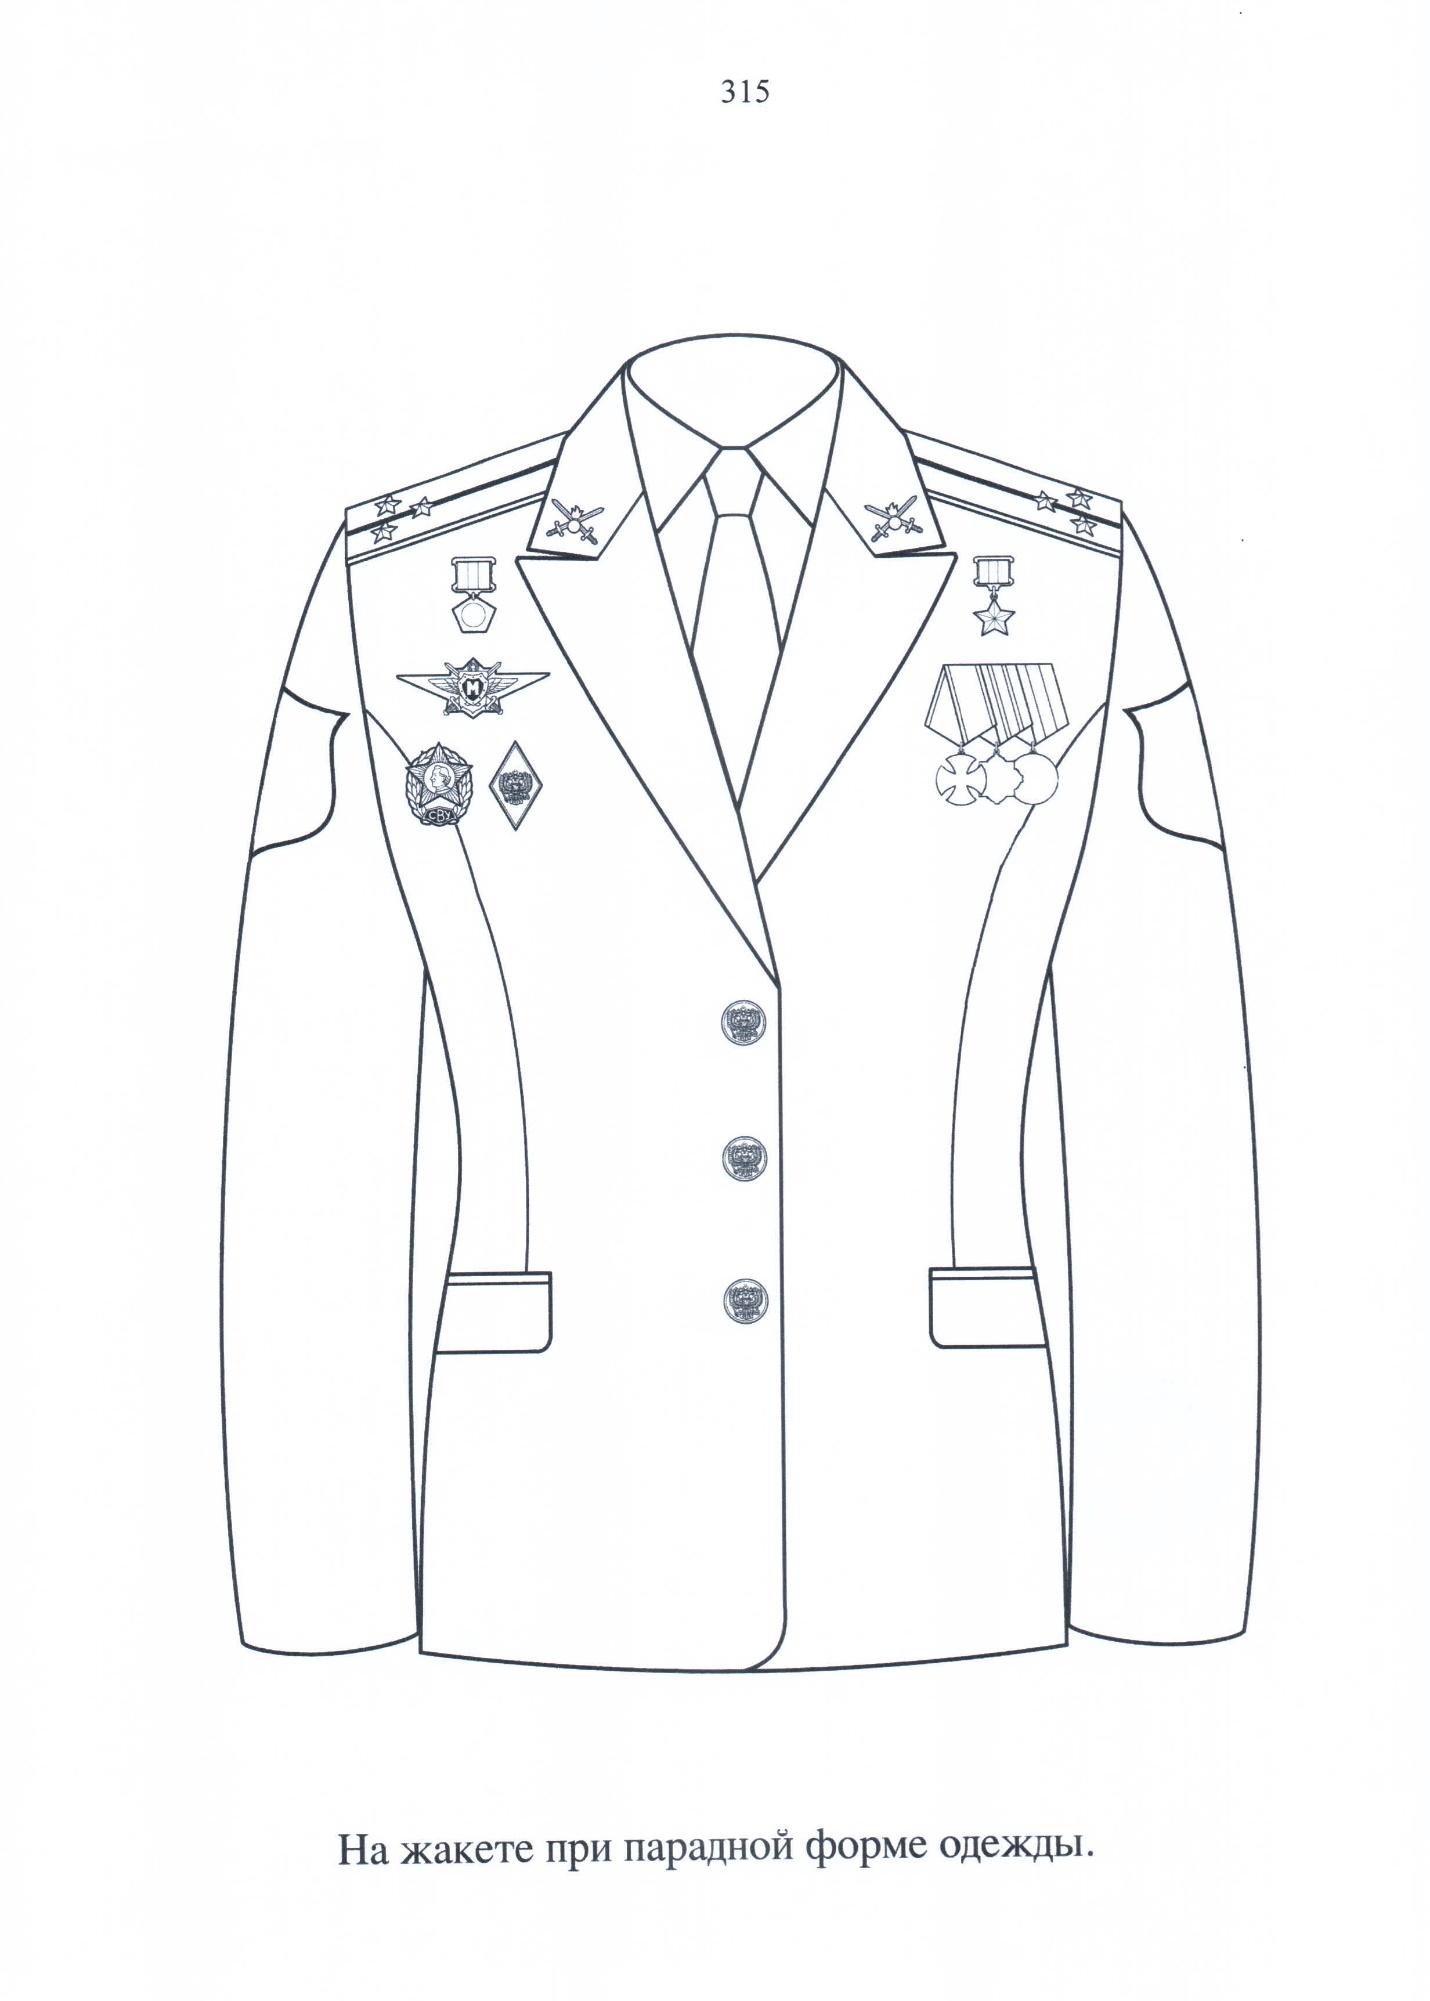 C:\Users\User\Desktop\Приказ МО РФ от 22.06.2015 г. № 300 Правила ношения военной формы одежды\185025.JPG